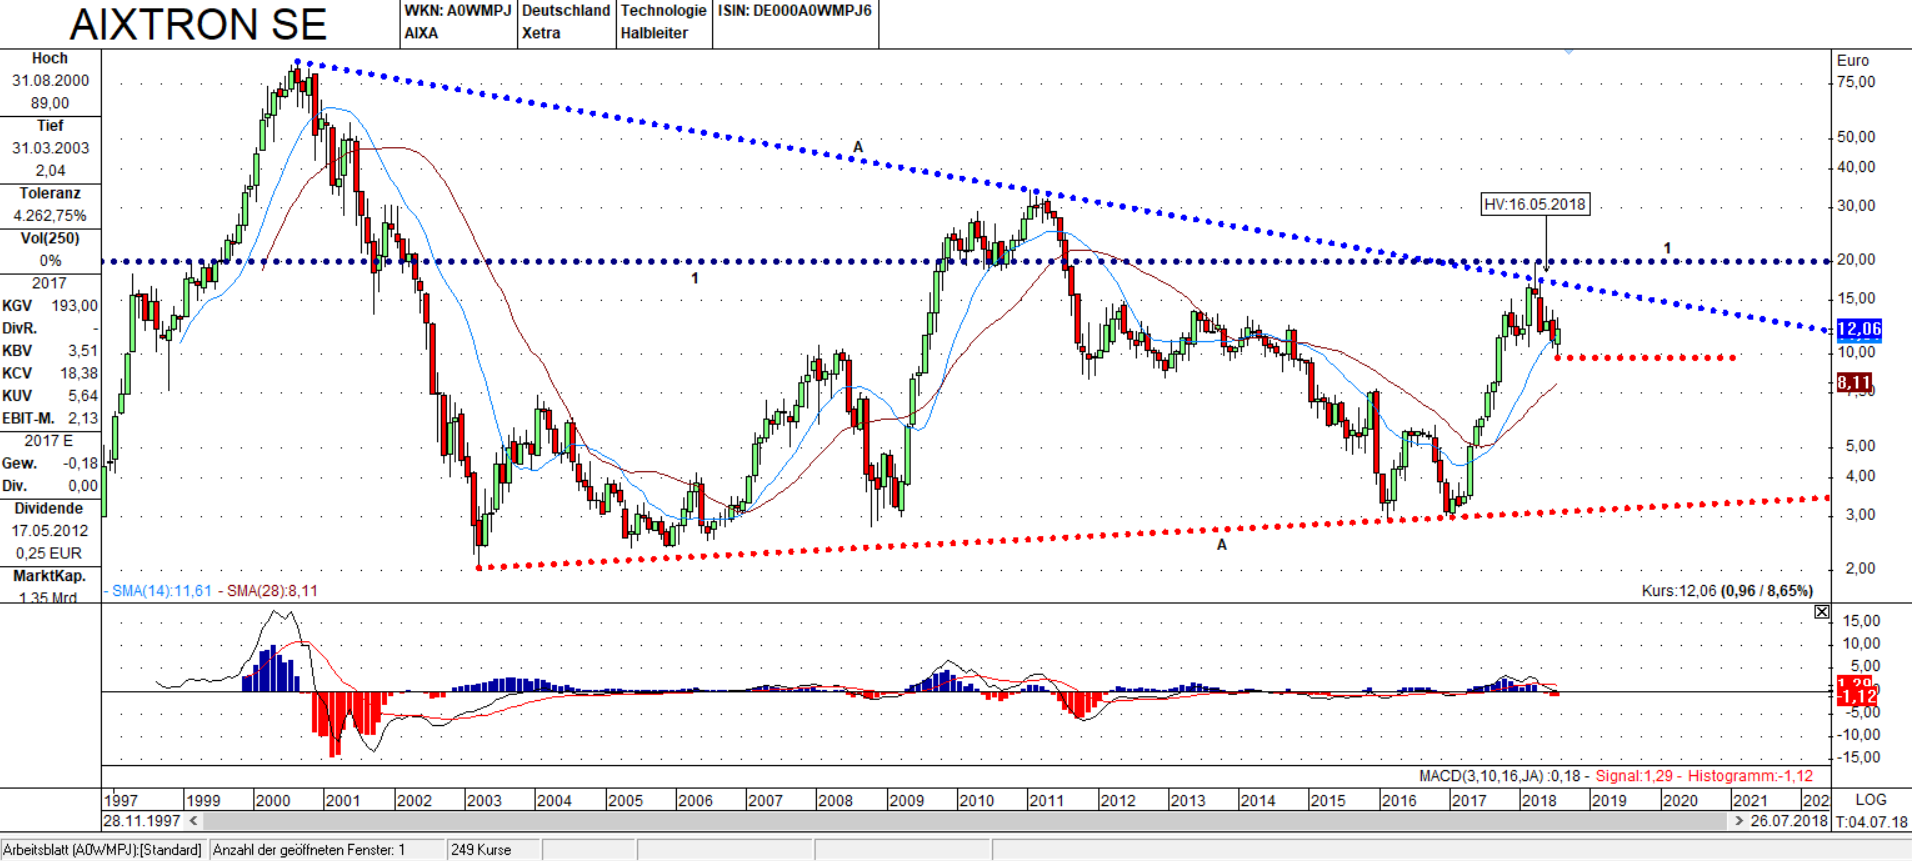 Monats Chart AIXA: Im Dreieck gefangen